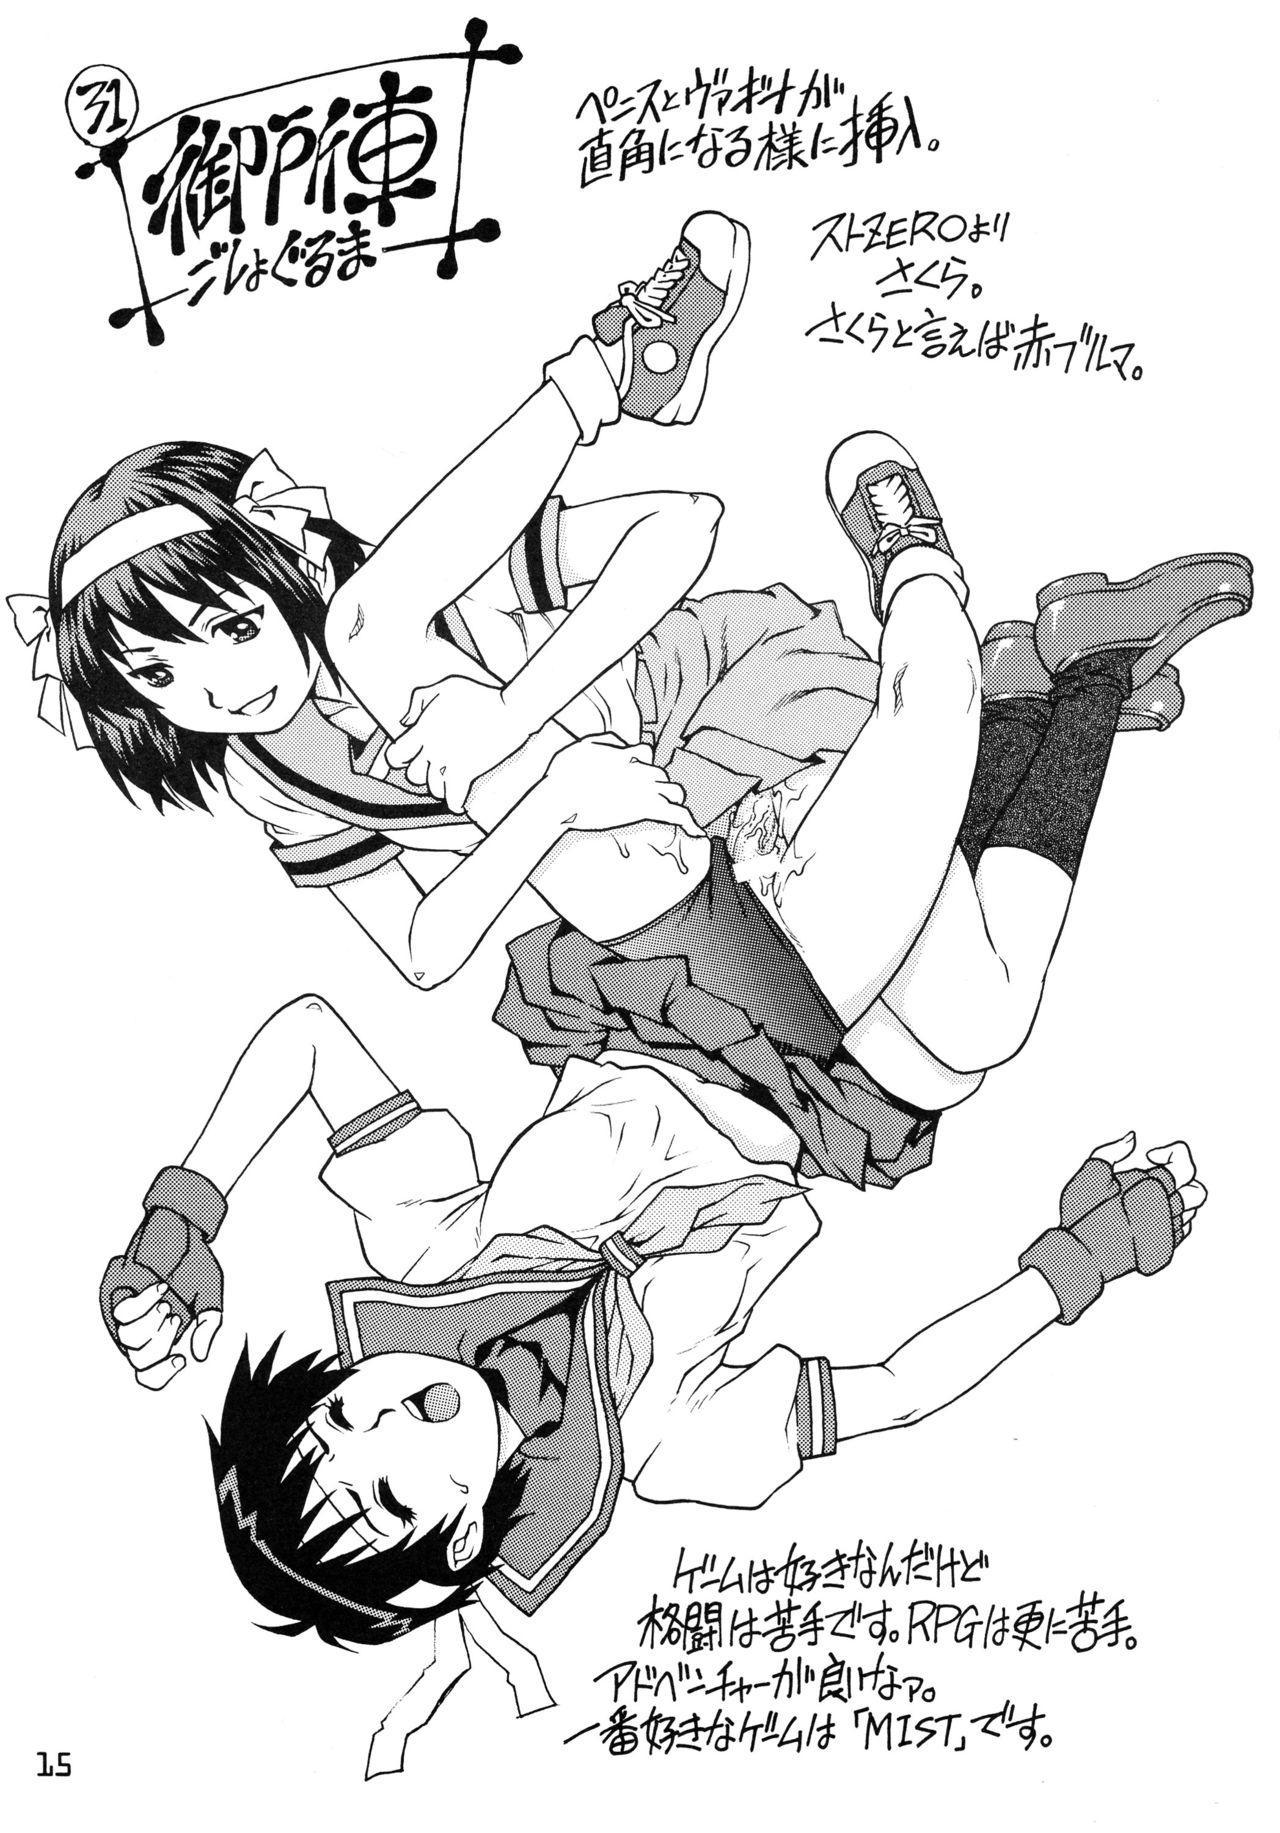 Futanari Haruhi no 48H 14